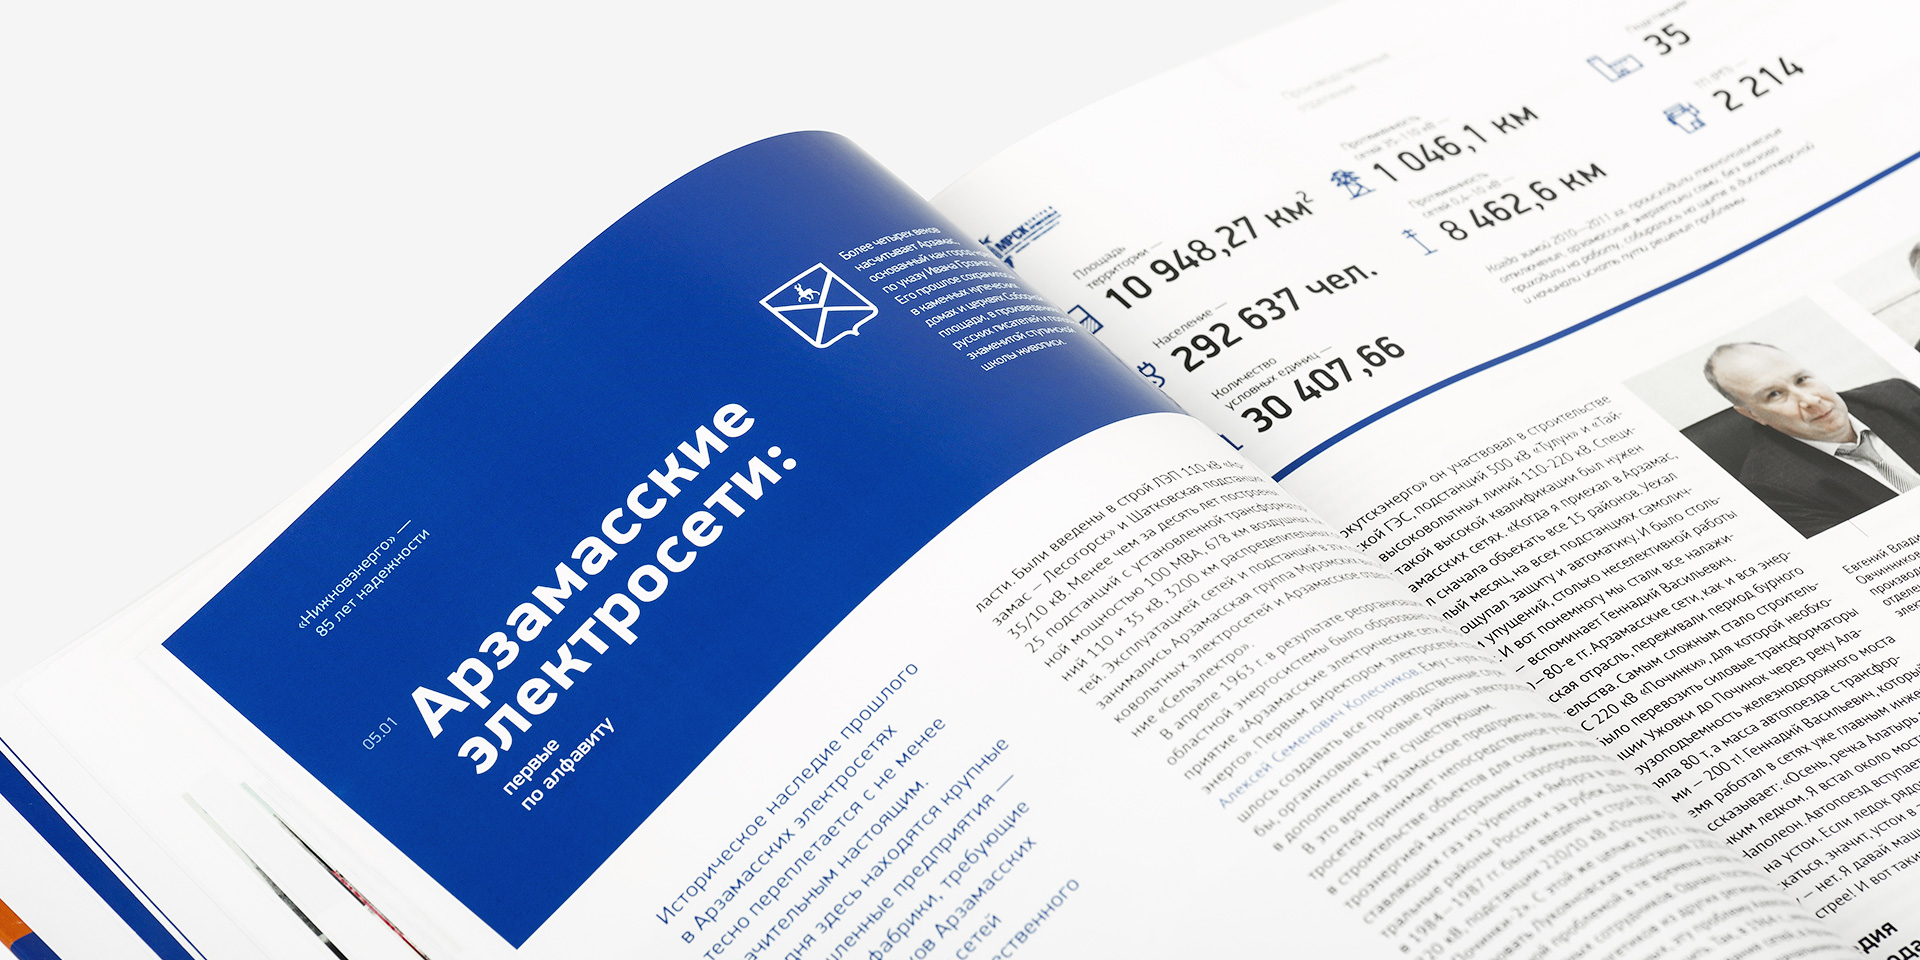 Дизайн корпоративной книги